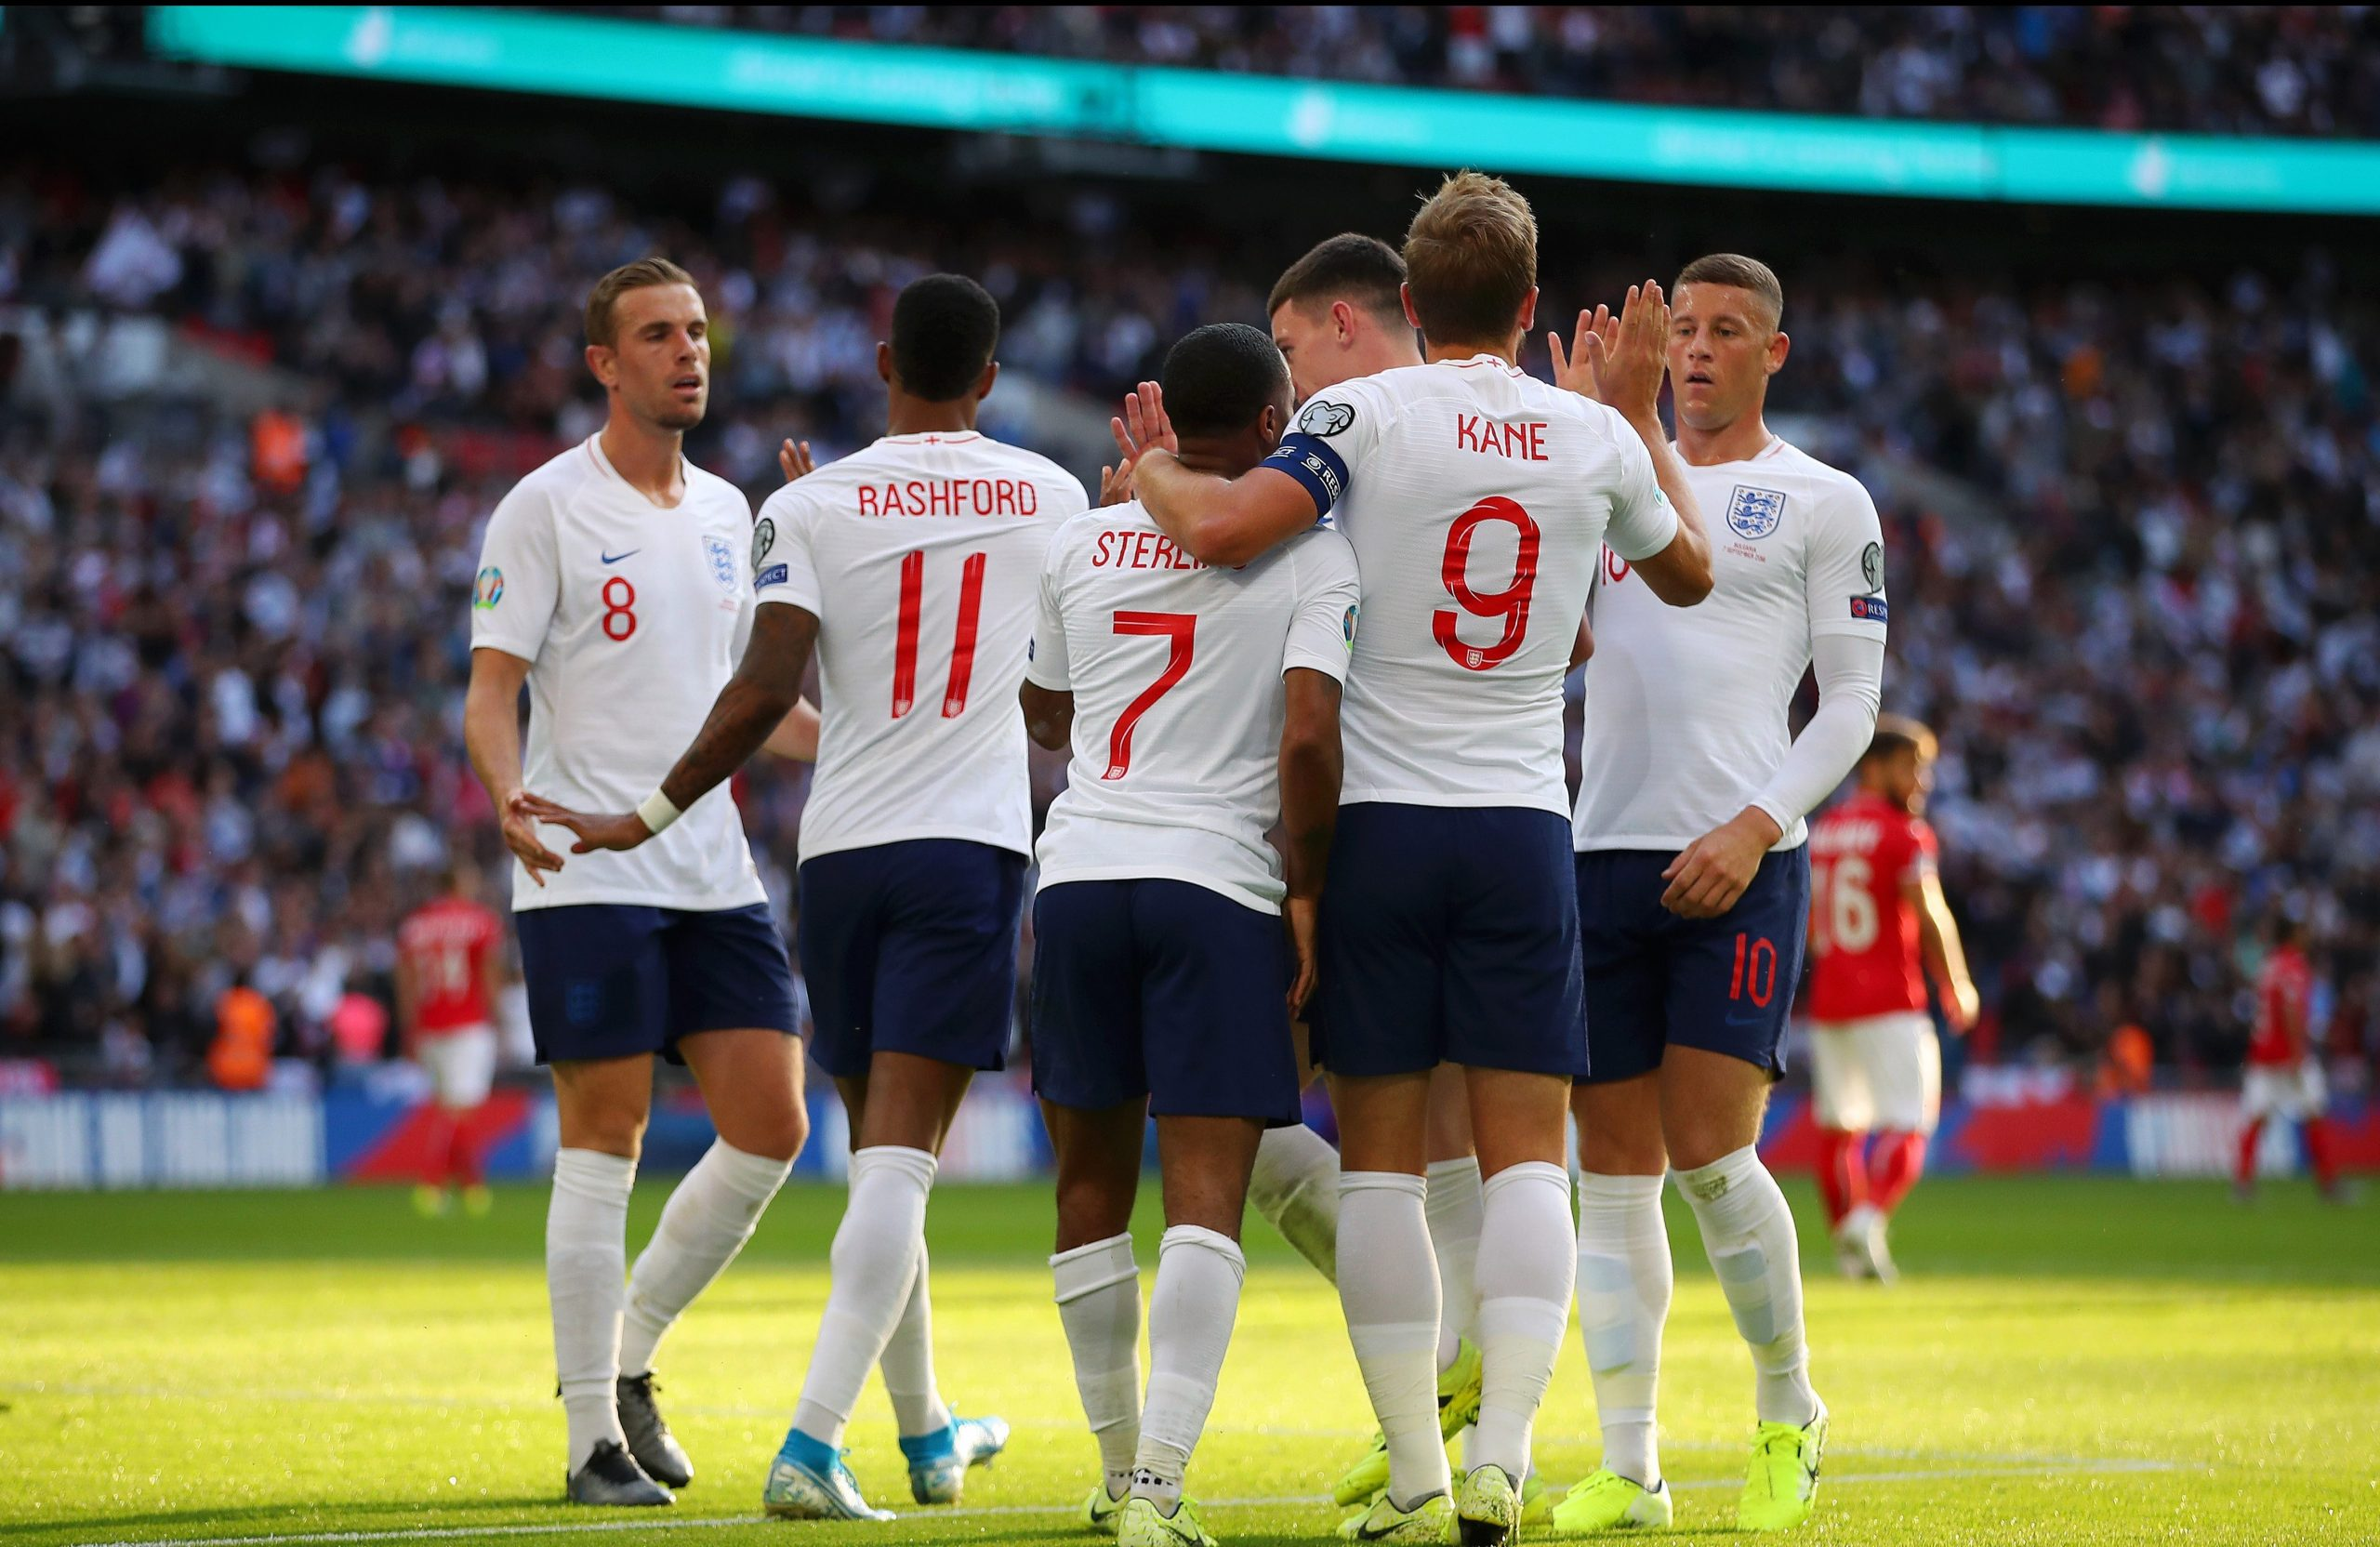 Ставки на спорт англия